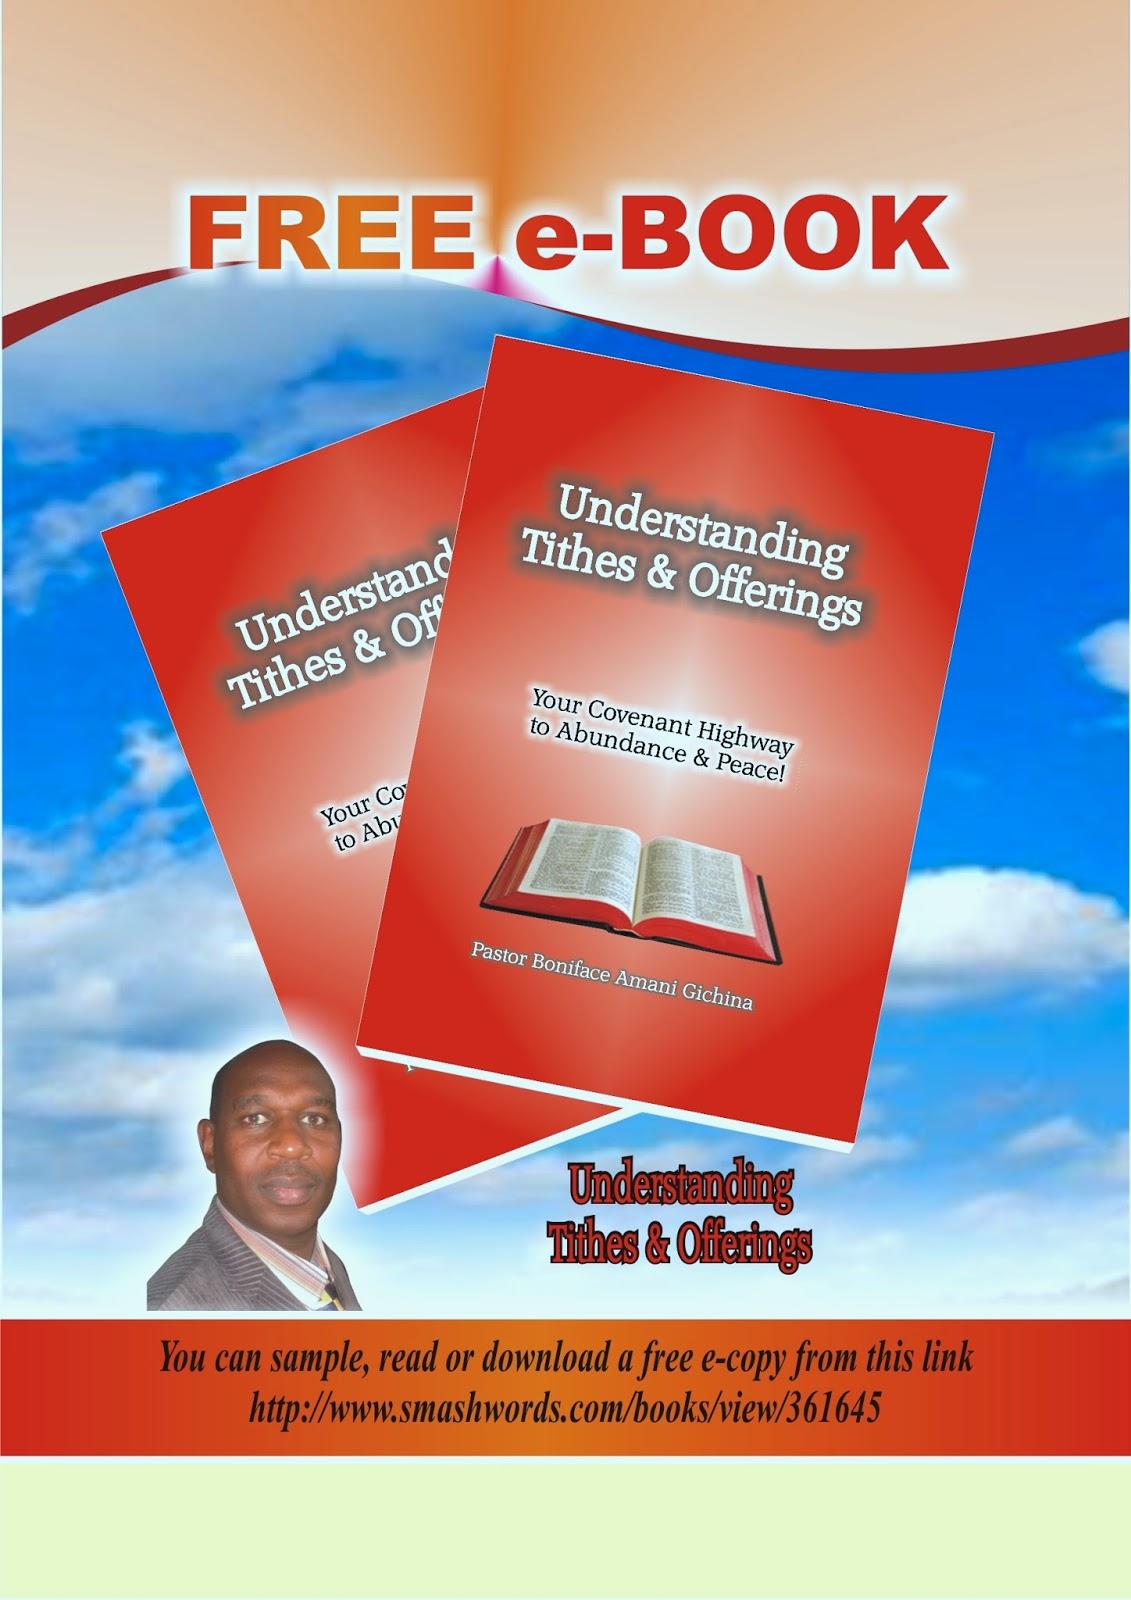 http://www.smashwords.com/books/view/361645